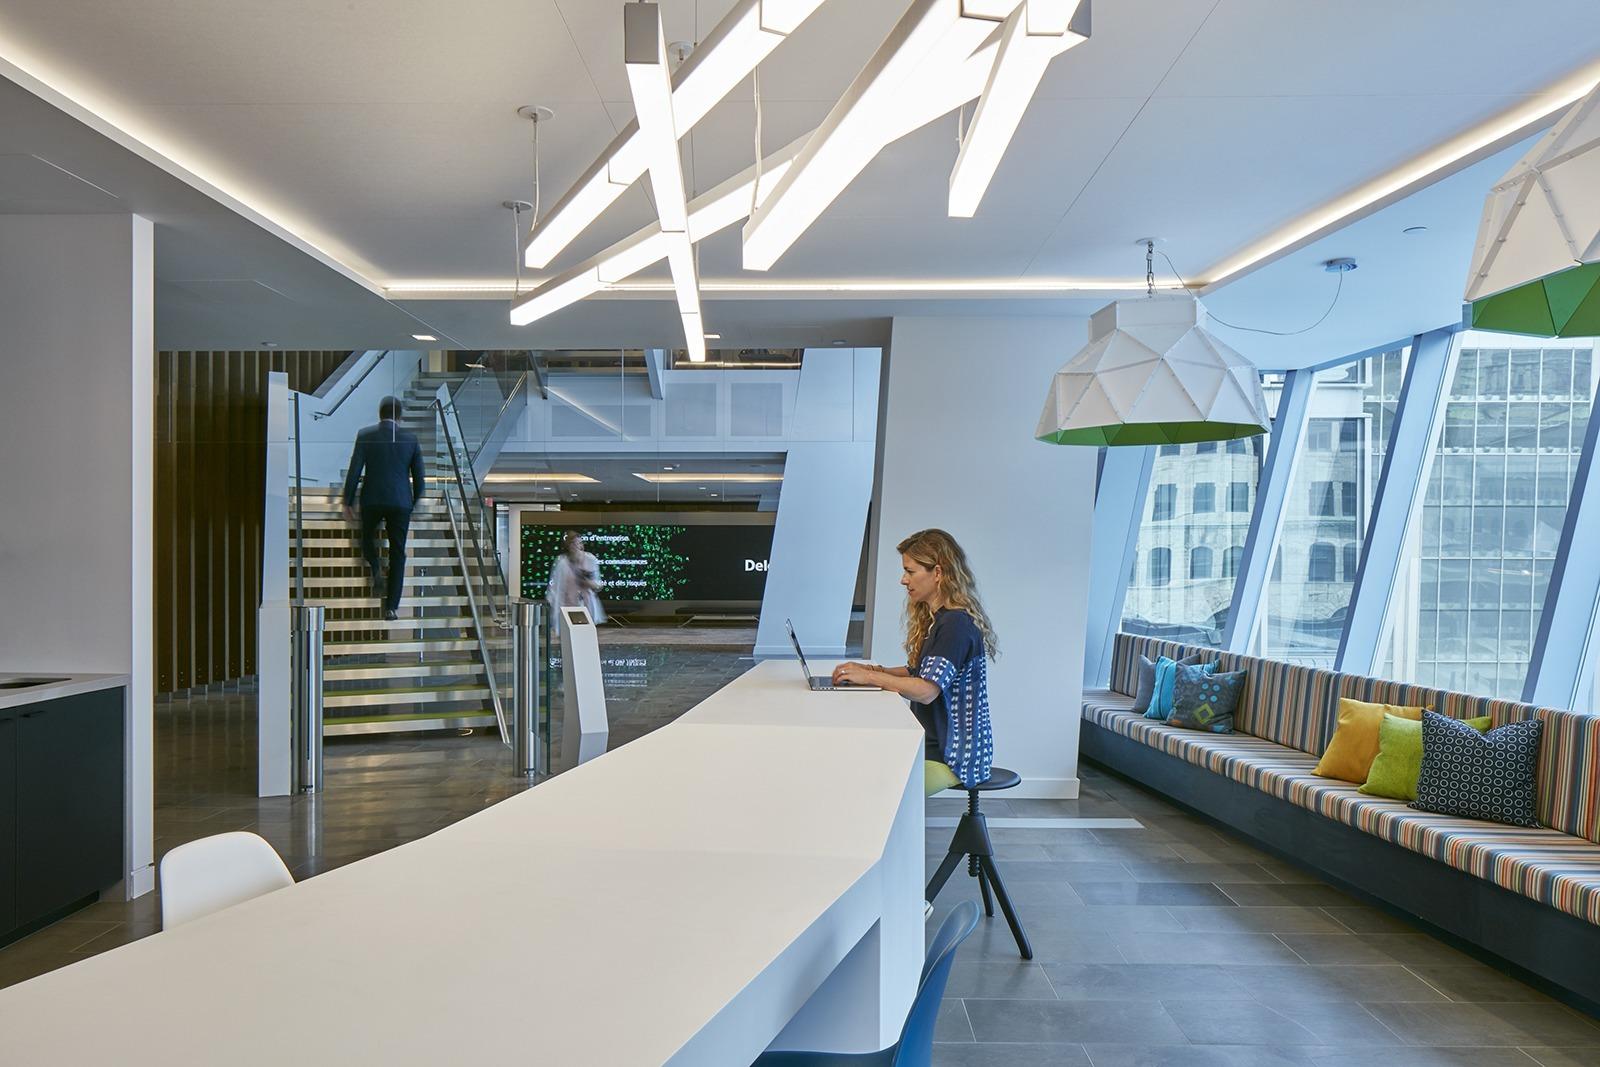 Inside deloitte s new elegant montreal office officelovin 39 for Design hub interior decoration llc